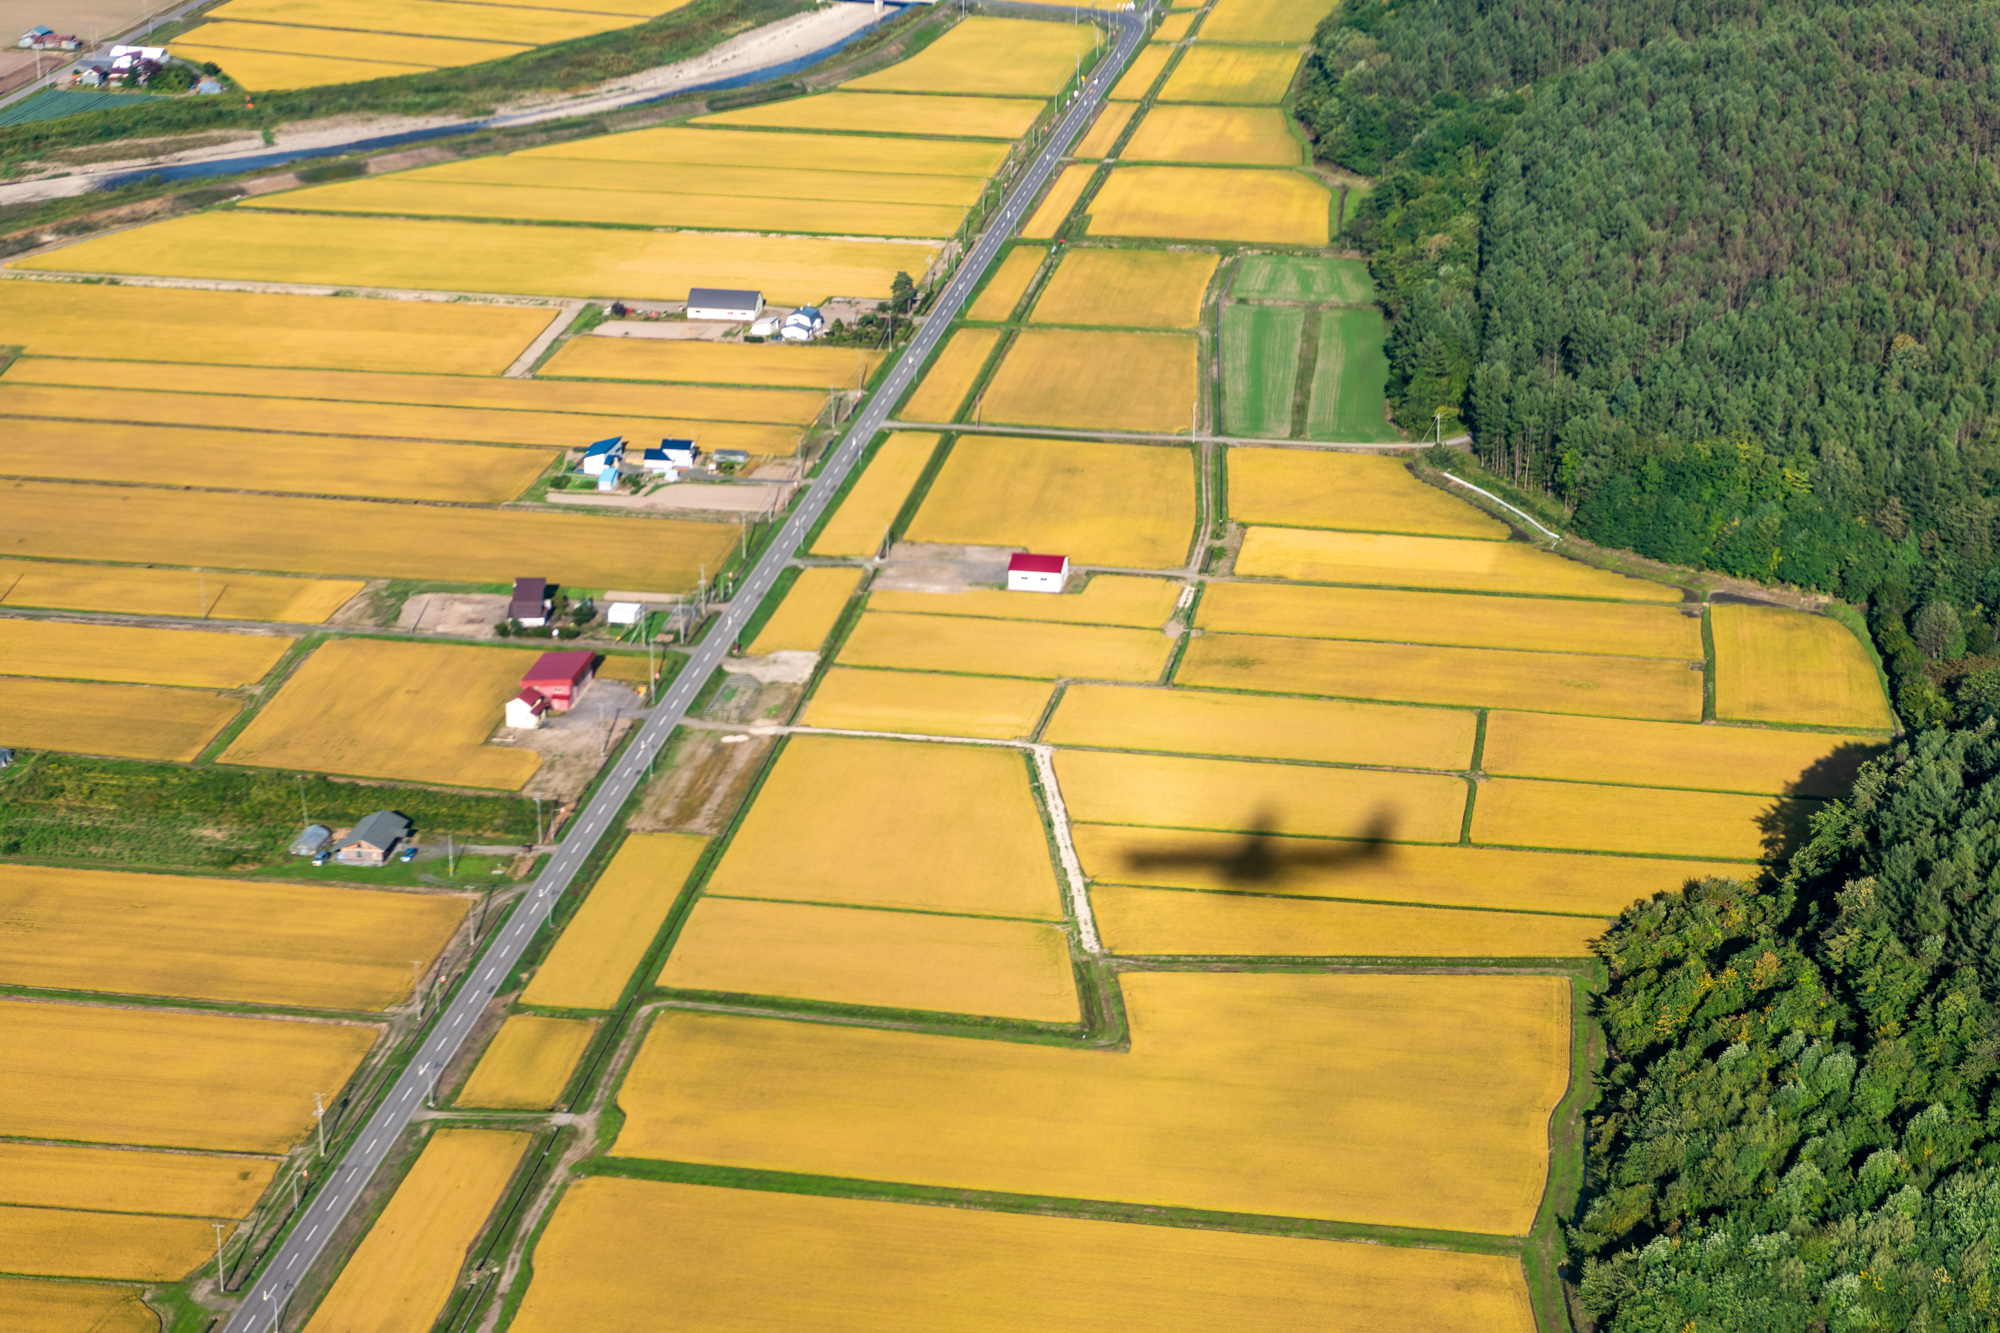 Хоккайдо с воздуха Хоккайдо, несколько, велосипед, следующий, часов, катался, Завтра, через, красиво, очень, центре, территория, используется, выращивают, выглядит, Сверху, покажу, марта, ссылке, подробности